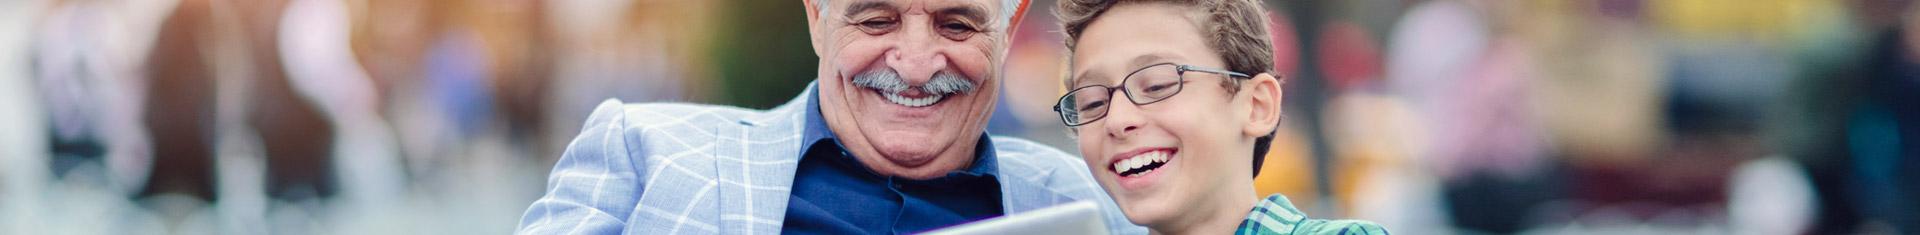 ein älterer Herr sitzt mit einem Kind lachend in einem Park; beide sehen dabei auf ein Tablet